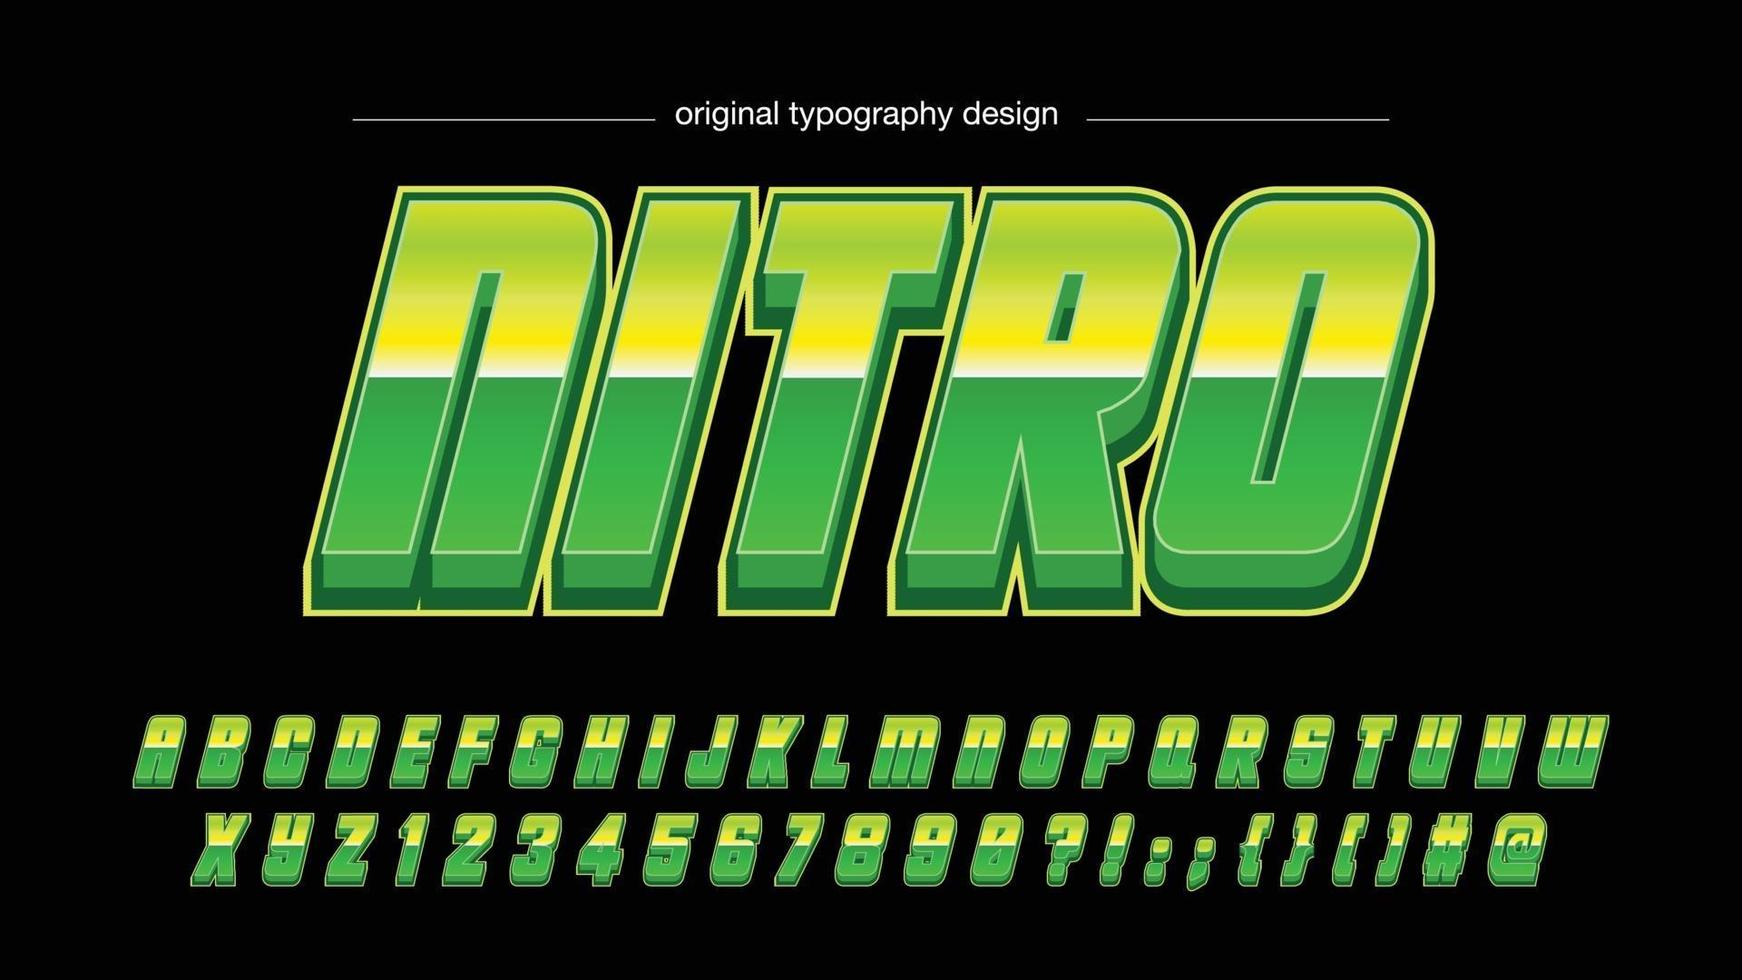 tipografia futurista metálica itálico verde vetor